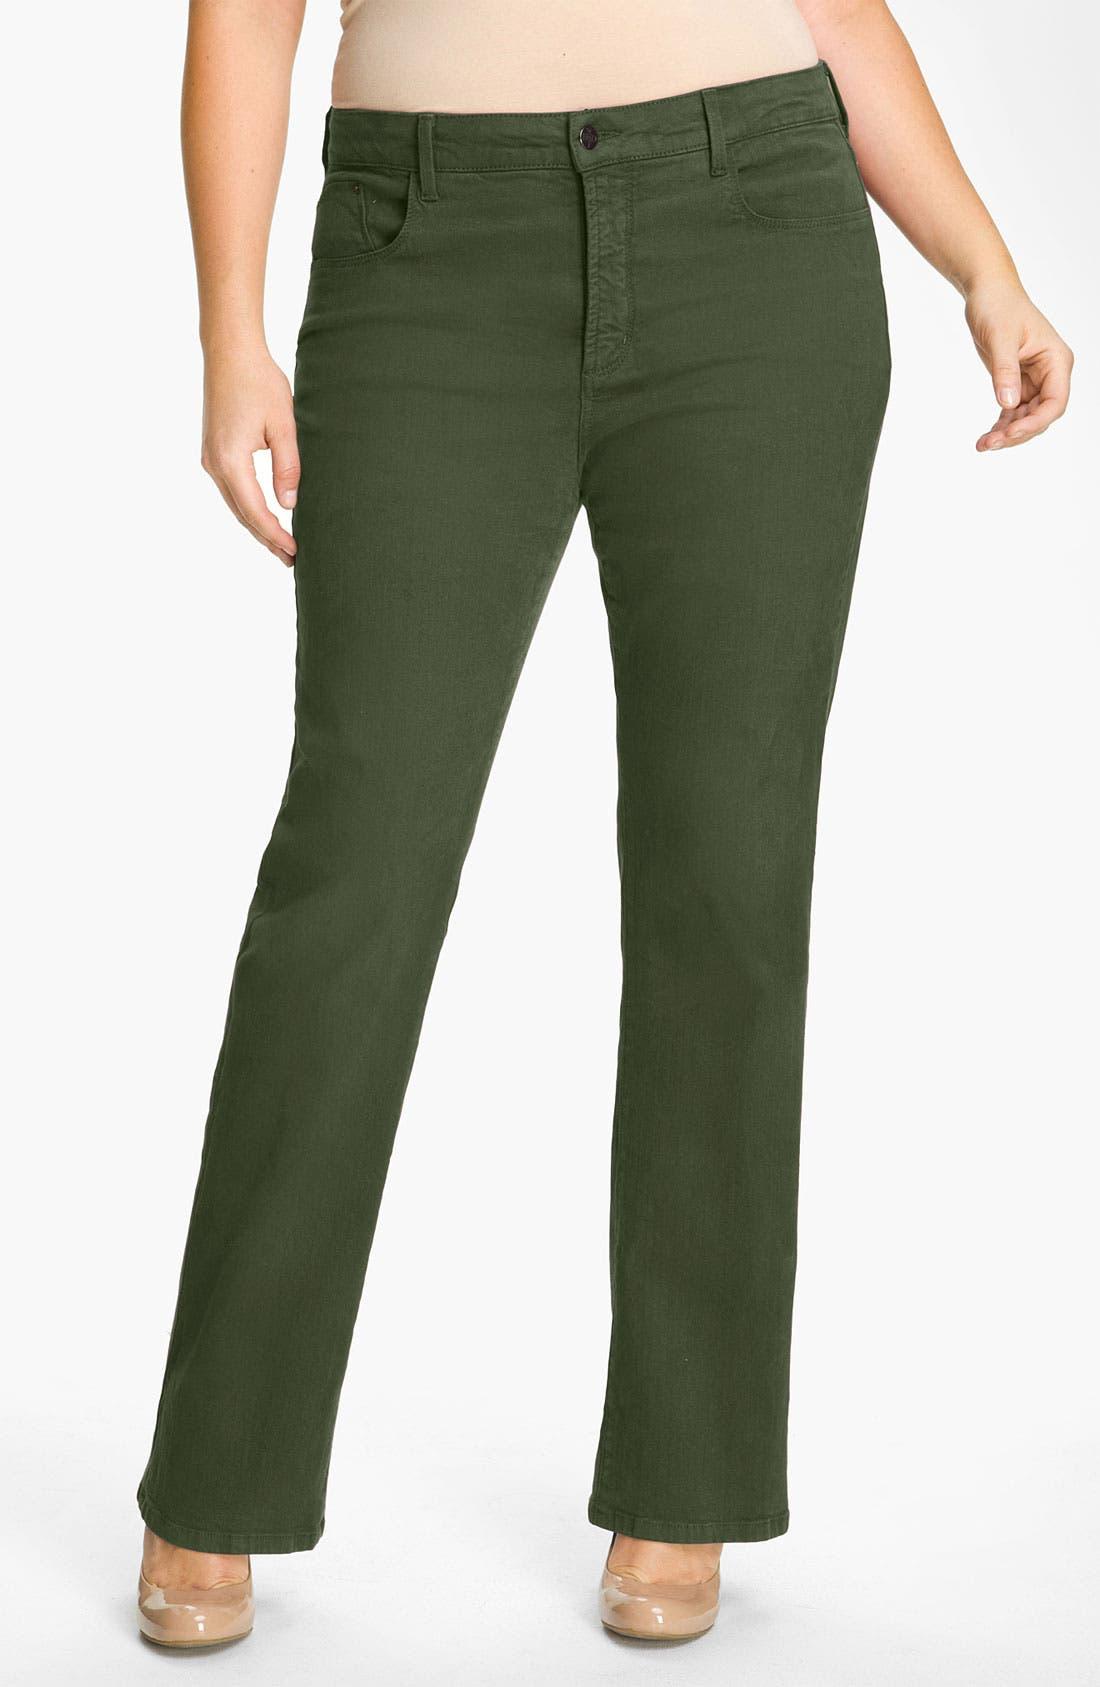 Alternate Image 1 Selected - NYDJ 'Marilyn' Sueded Denim Jeans (Plus)